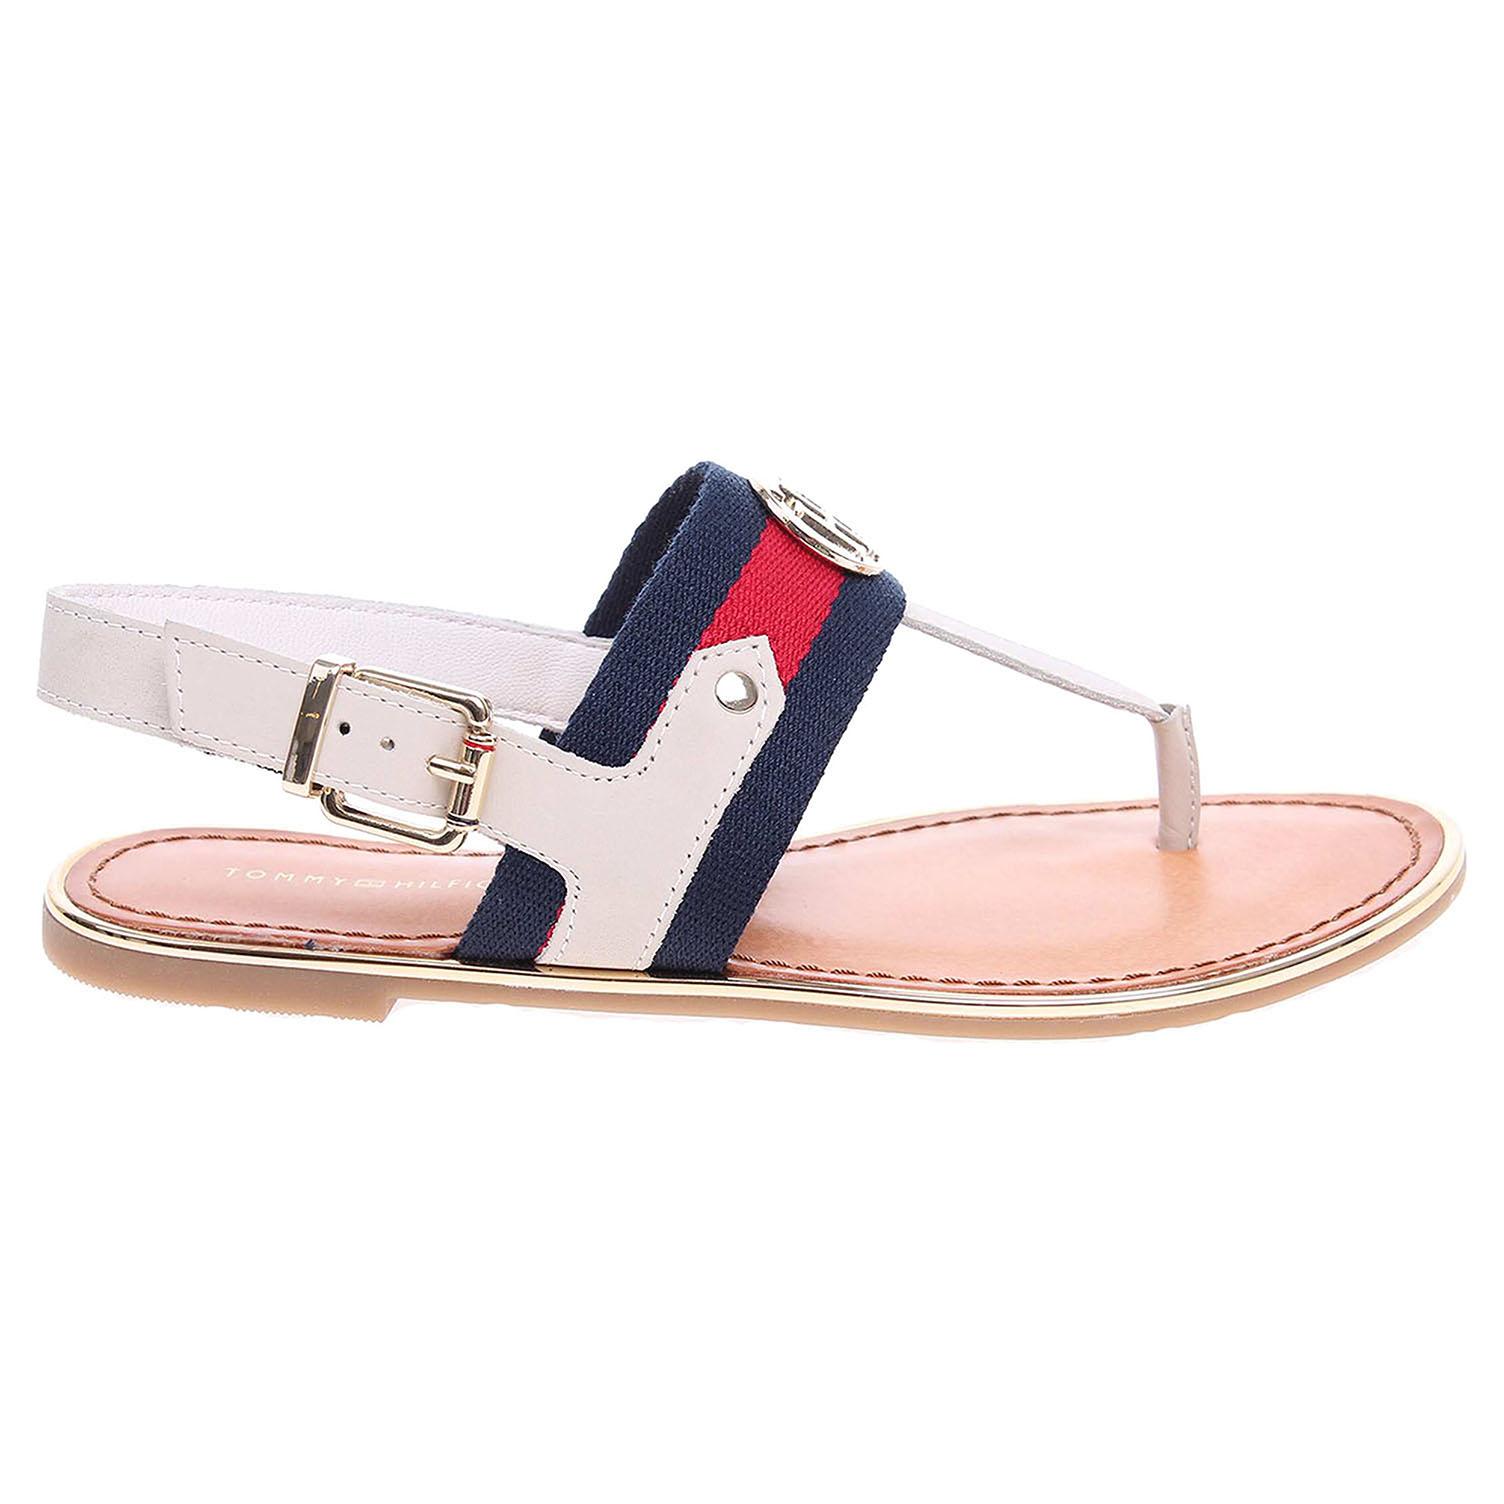 Ecco Tommy Hilfiger dámské sandály FW0FW00261 J1285ULIA 65C bílé 23801189